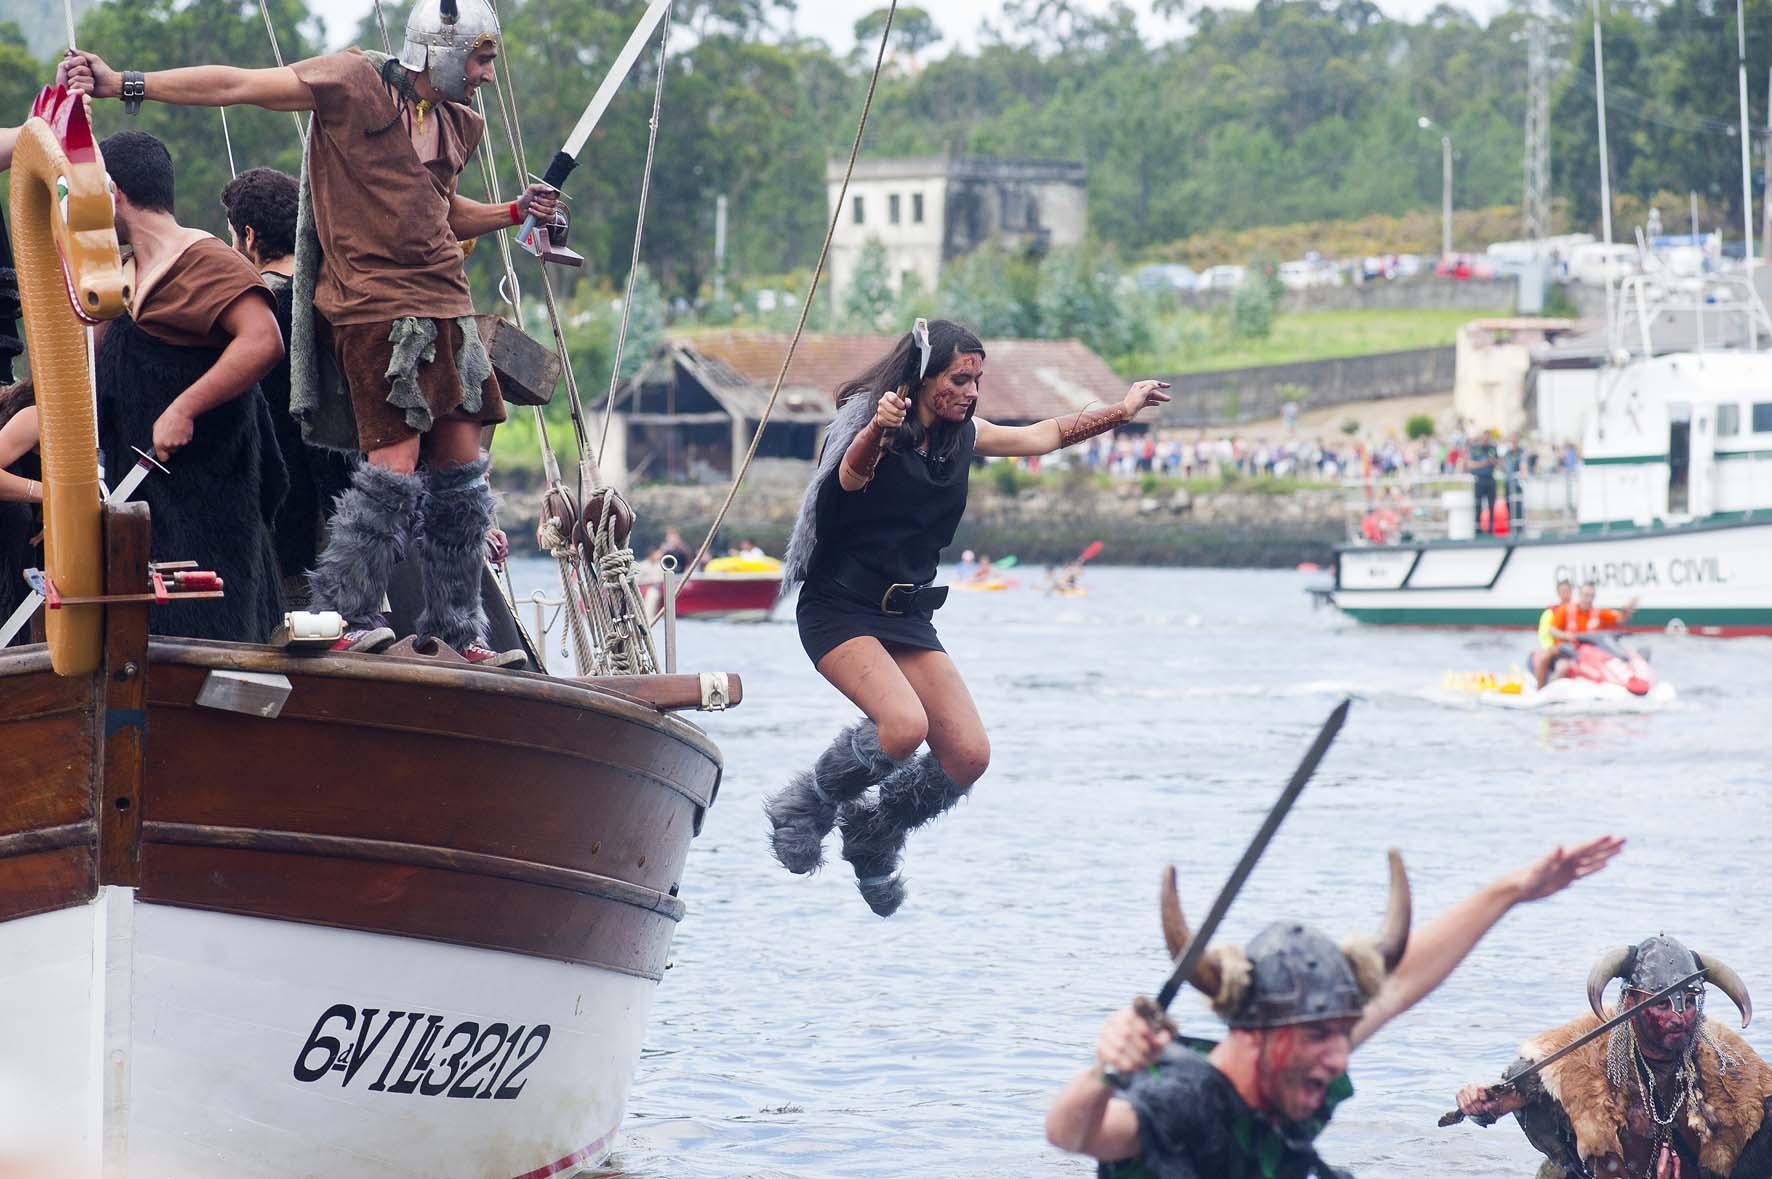 Vikingos en España: desembarco vikingo en Catoira, Galicia